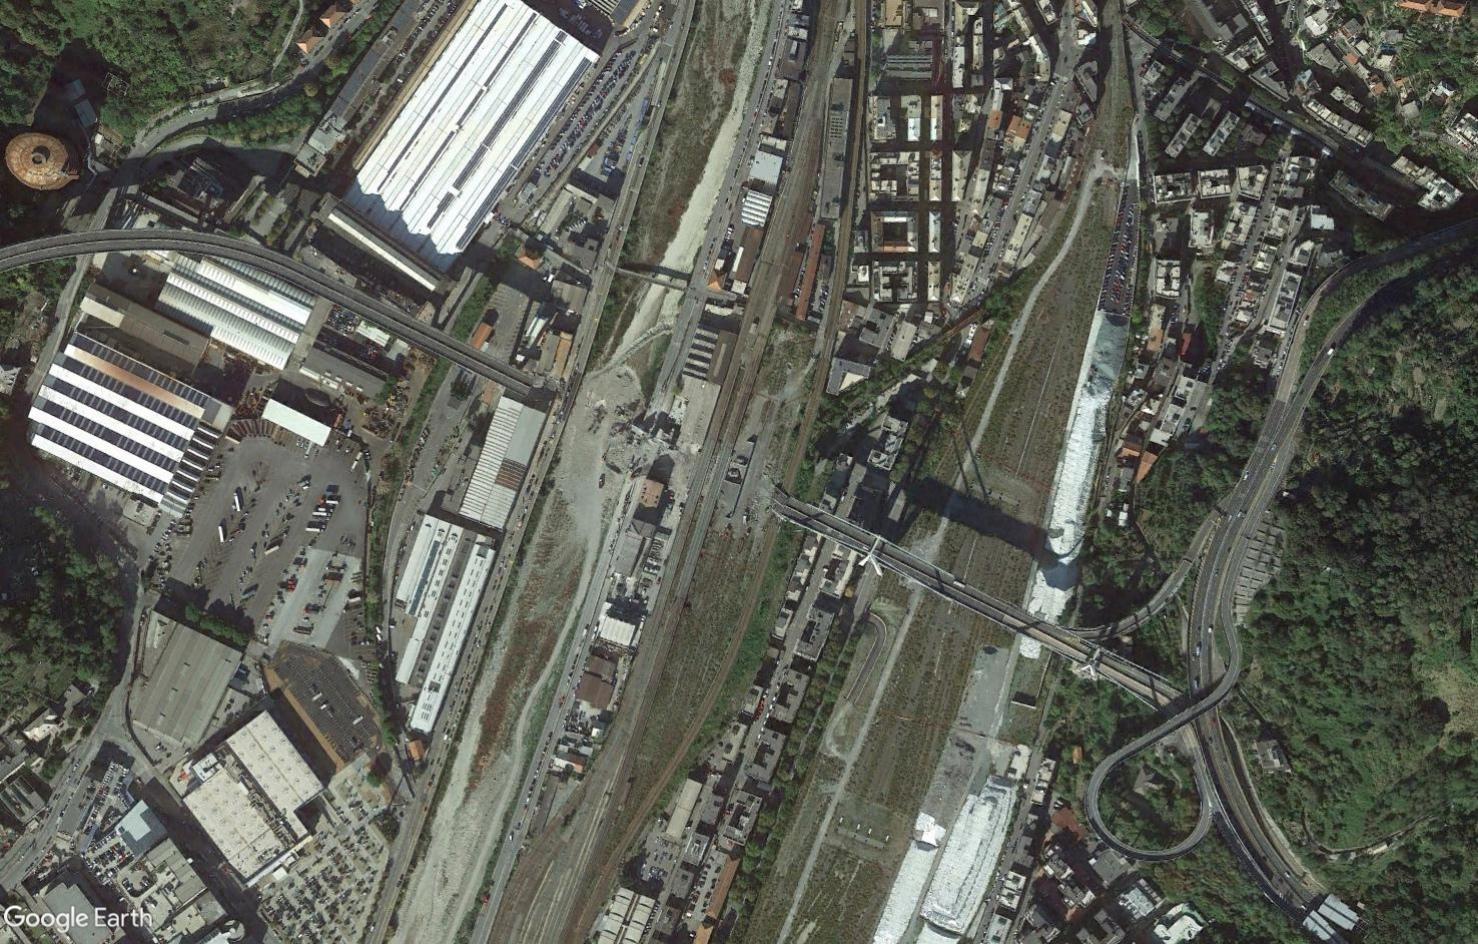 [Bientôt visible sur Google Earth] - Le pont Morandi, Gênes Tsge1597